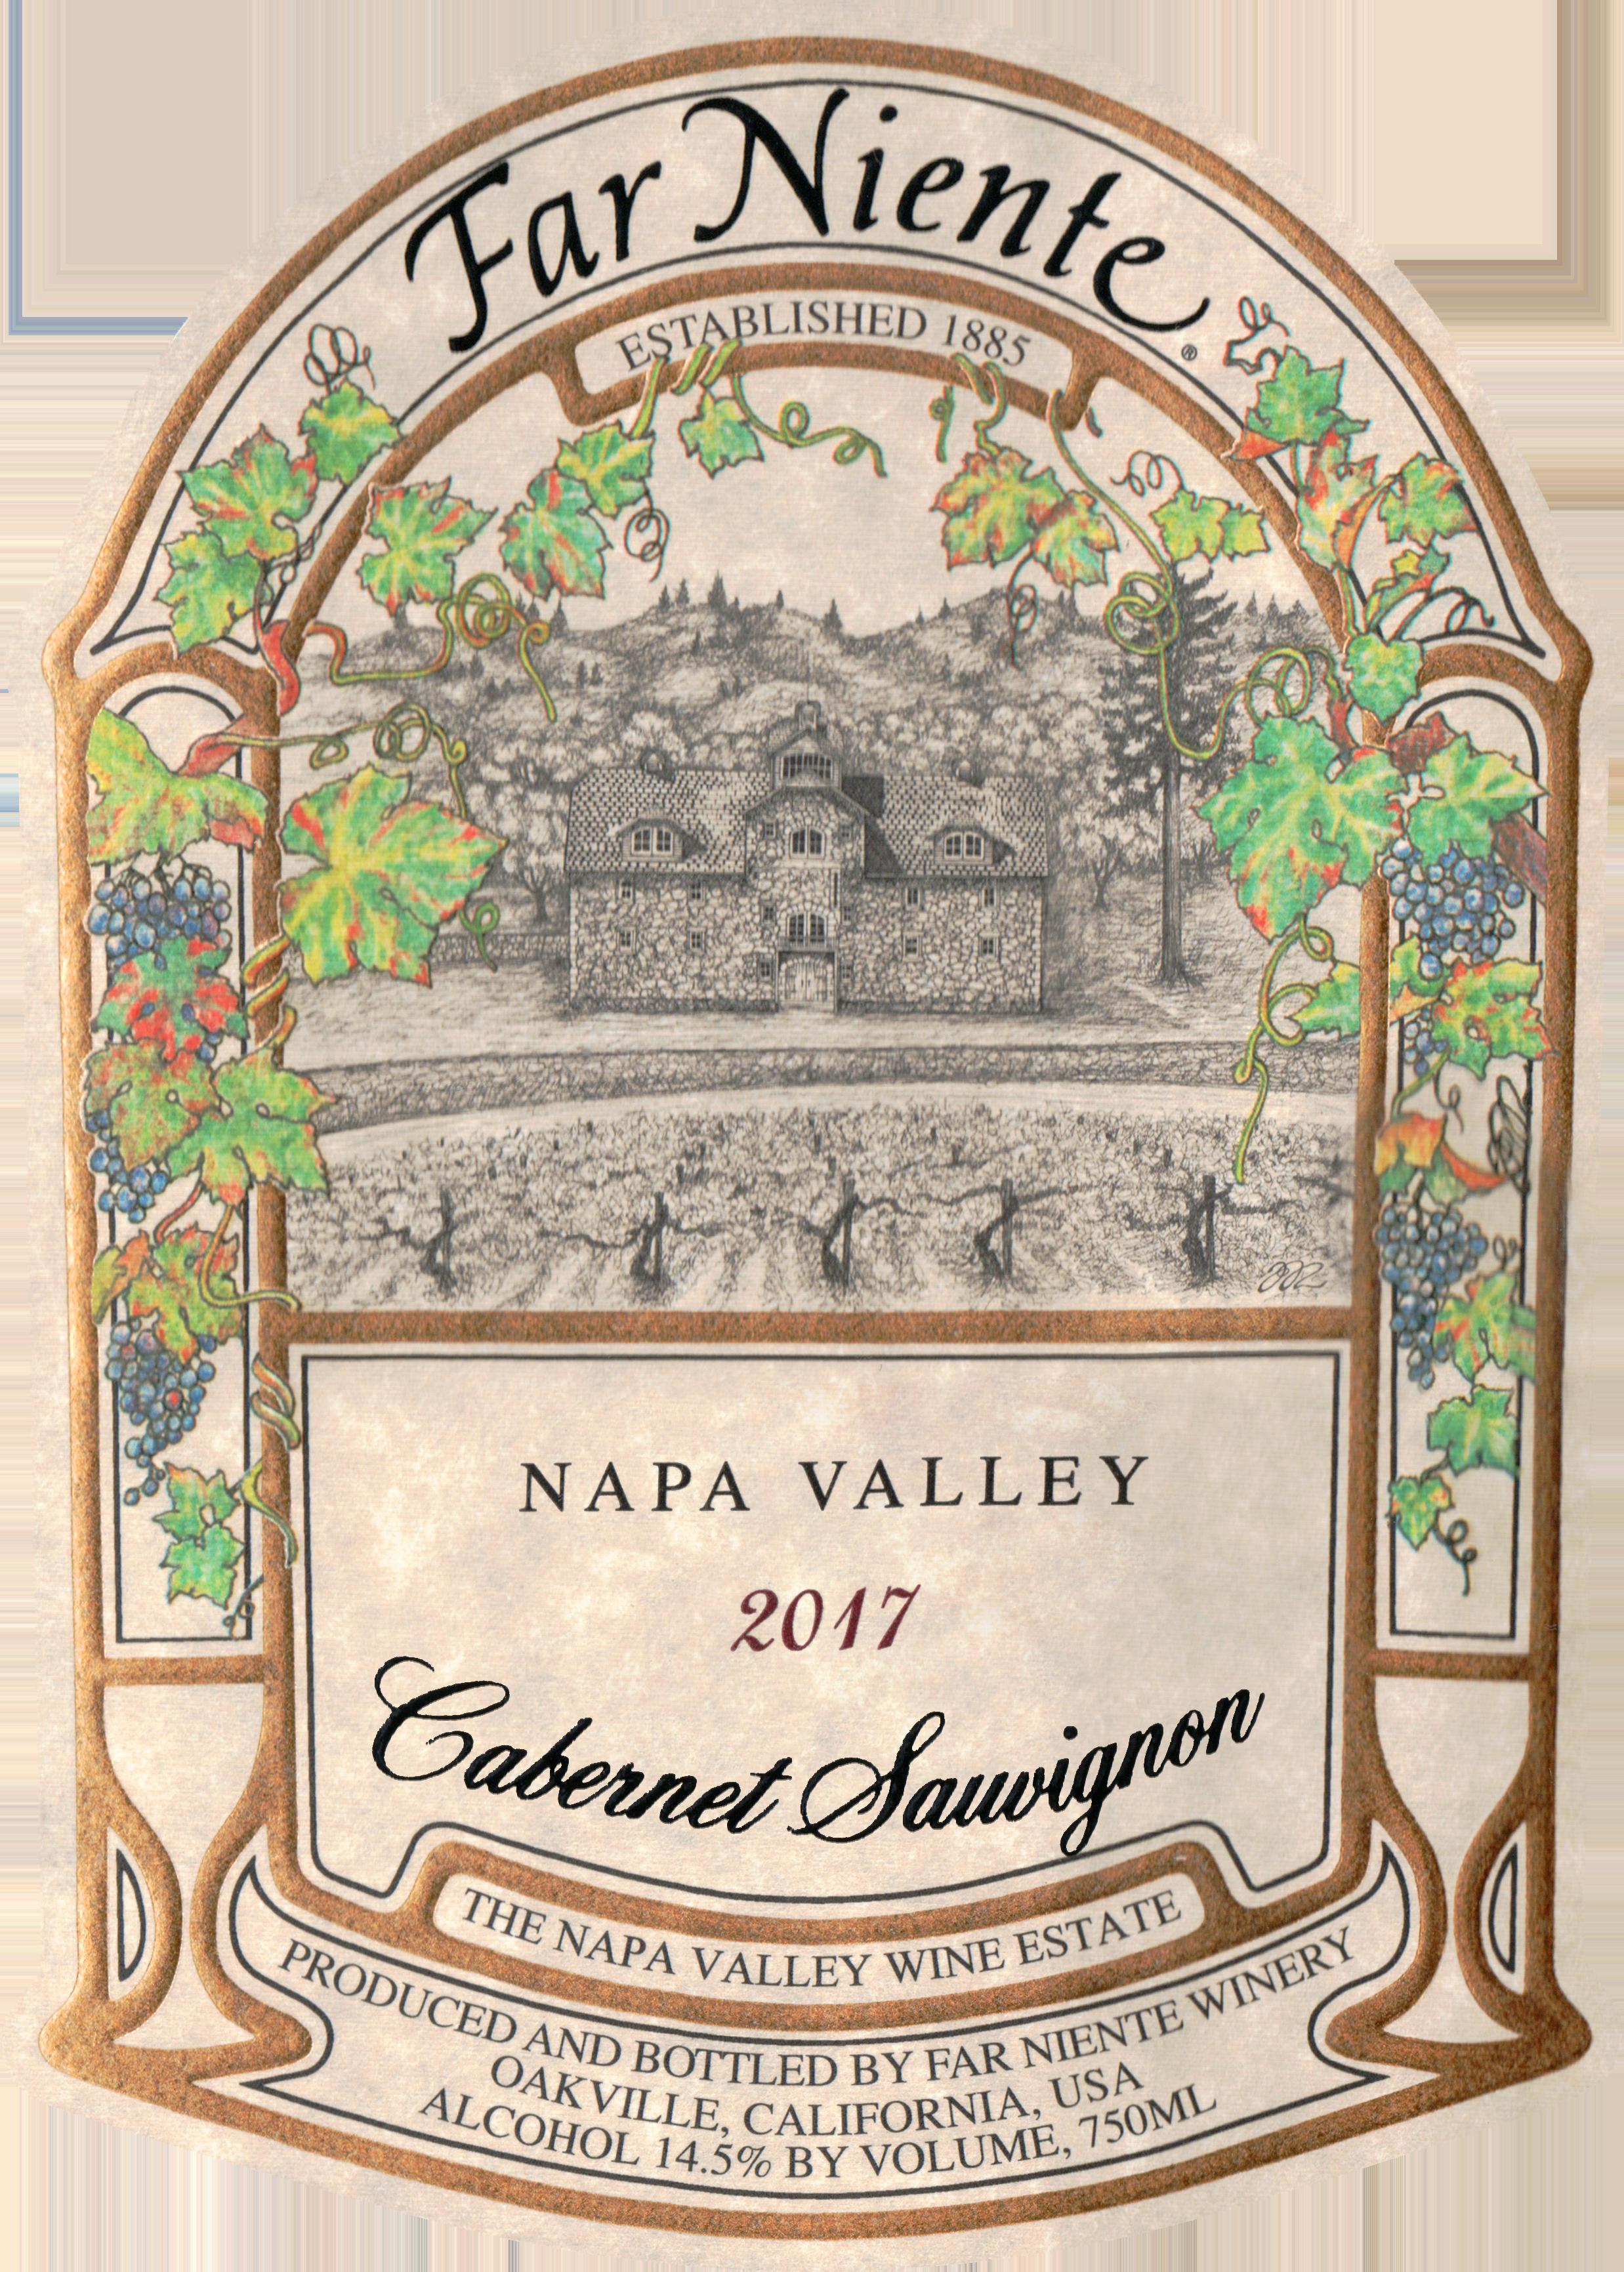 Far Niente Napa Valley Cabernet Sauvignon 2017